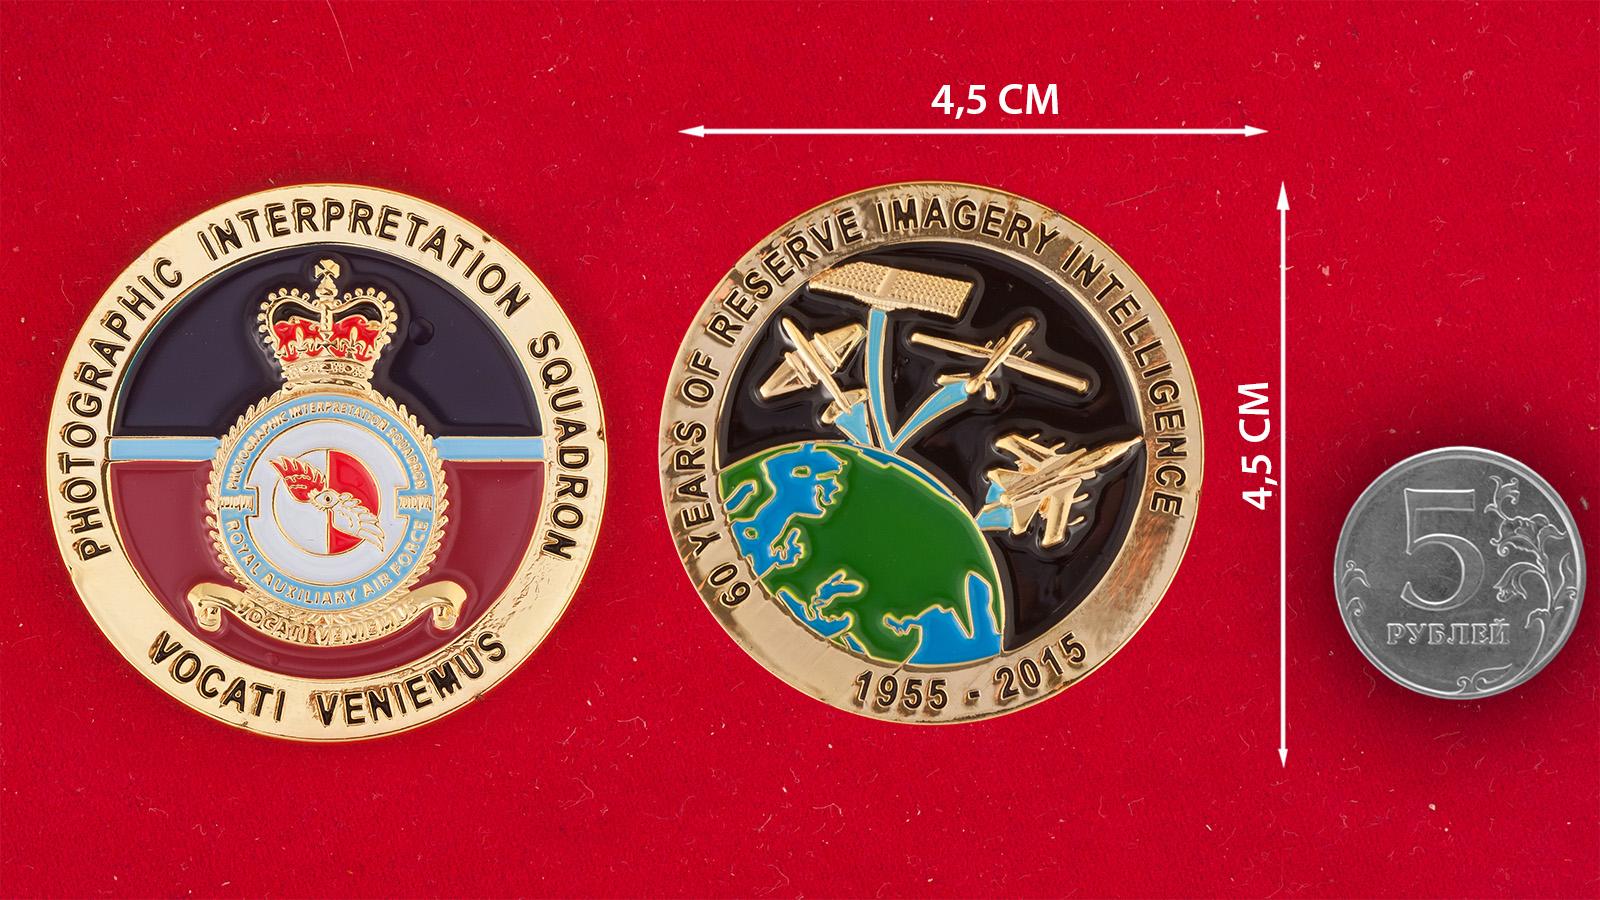 Челлендж коин эскадрильи дешифрования фотоснимков Королевских ВВС Великобритании - сравнительный размер